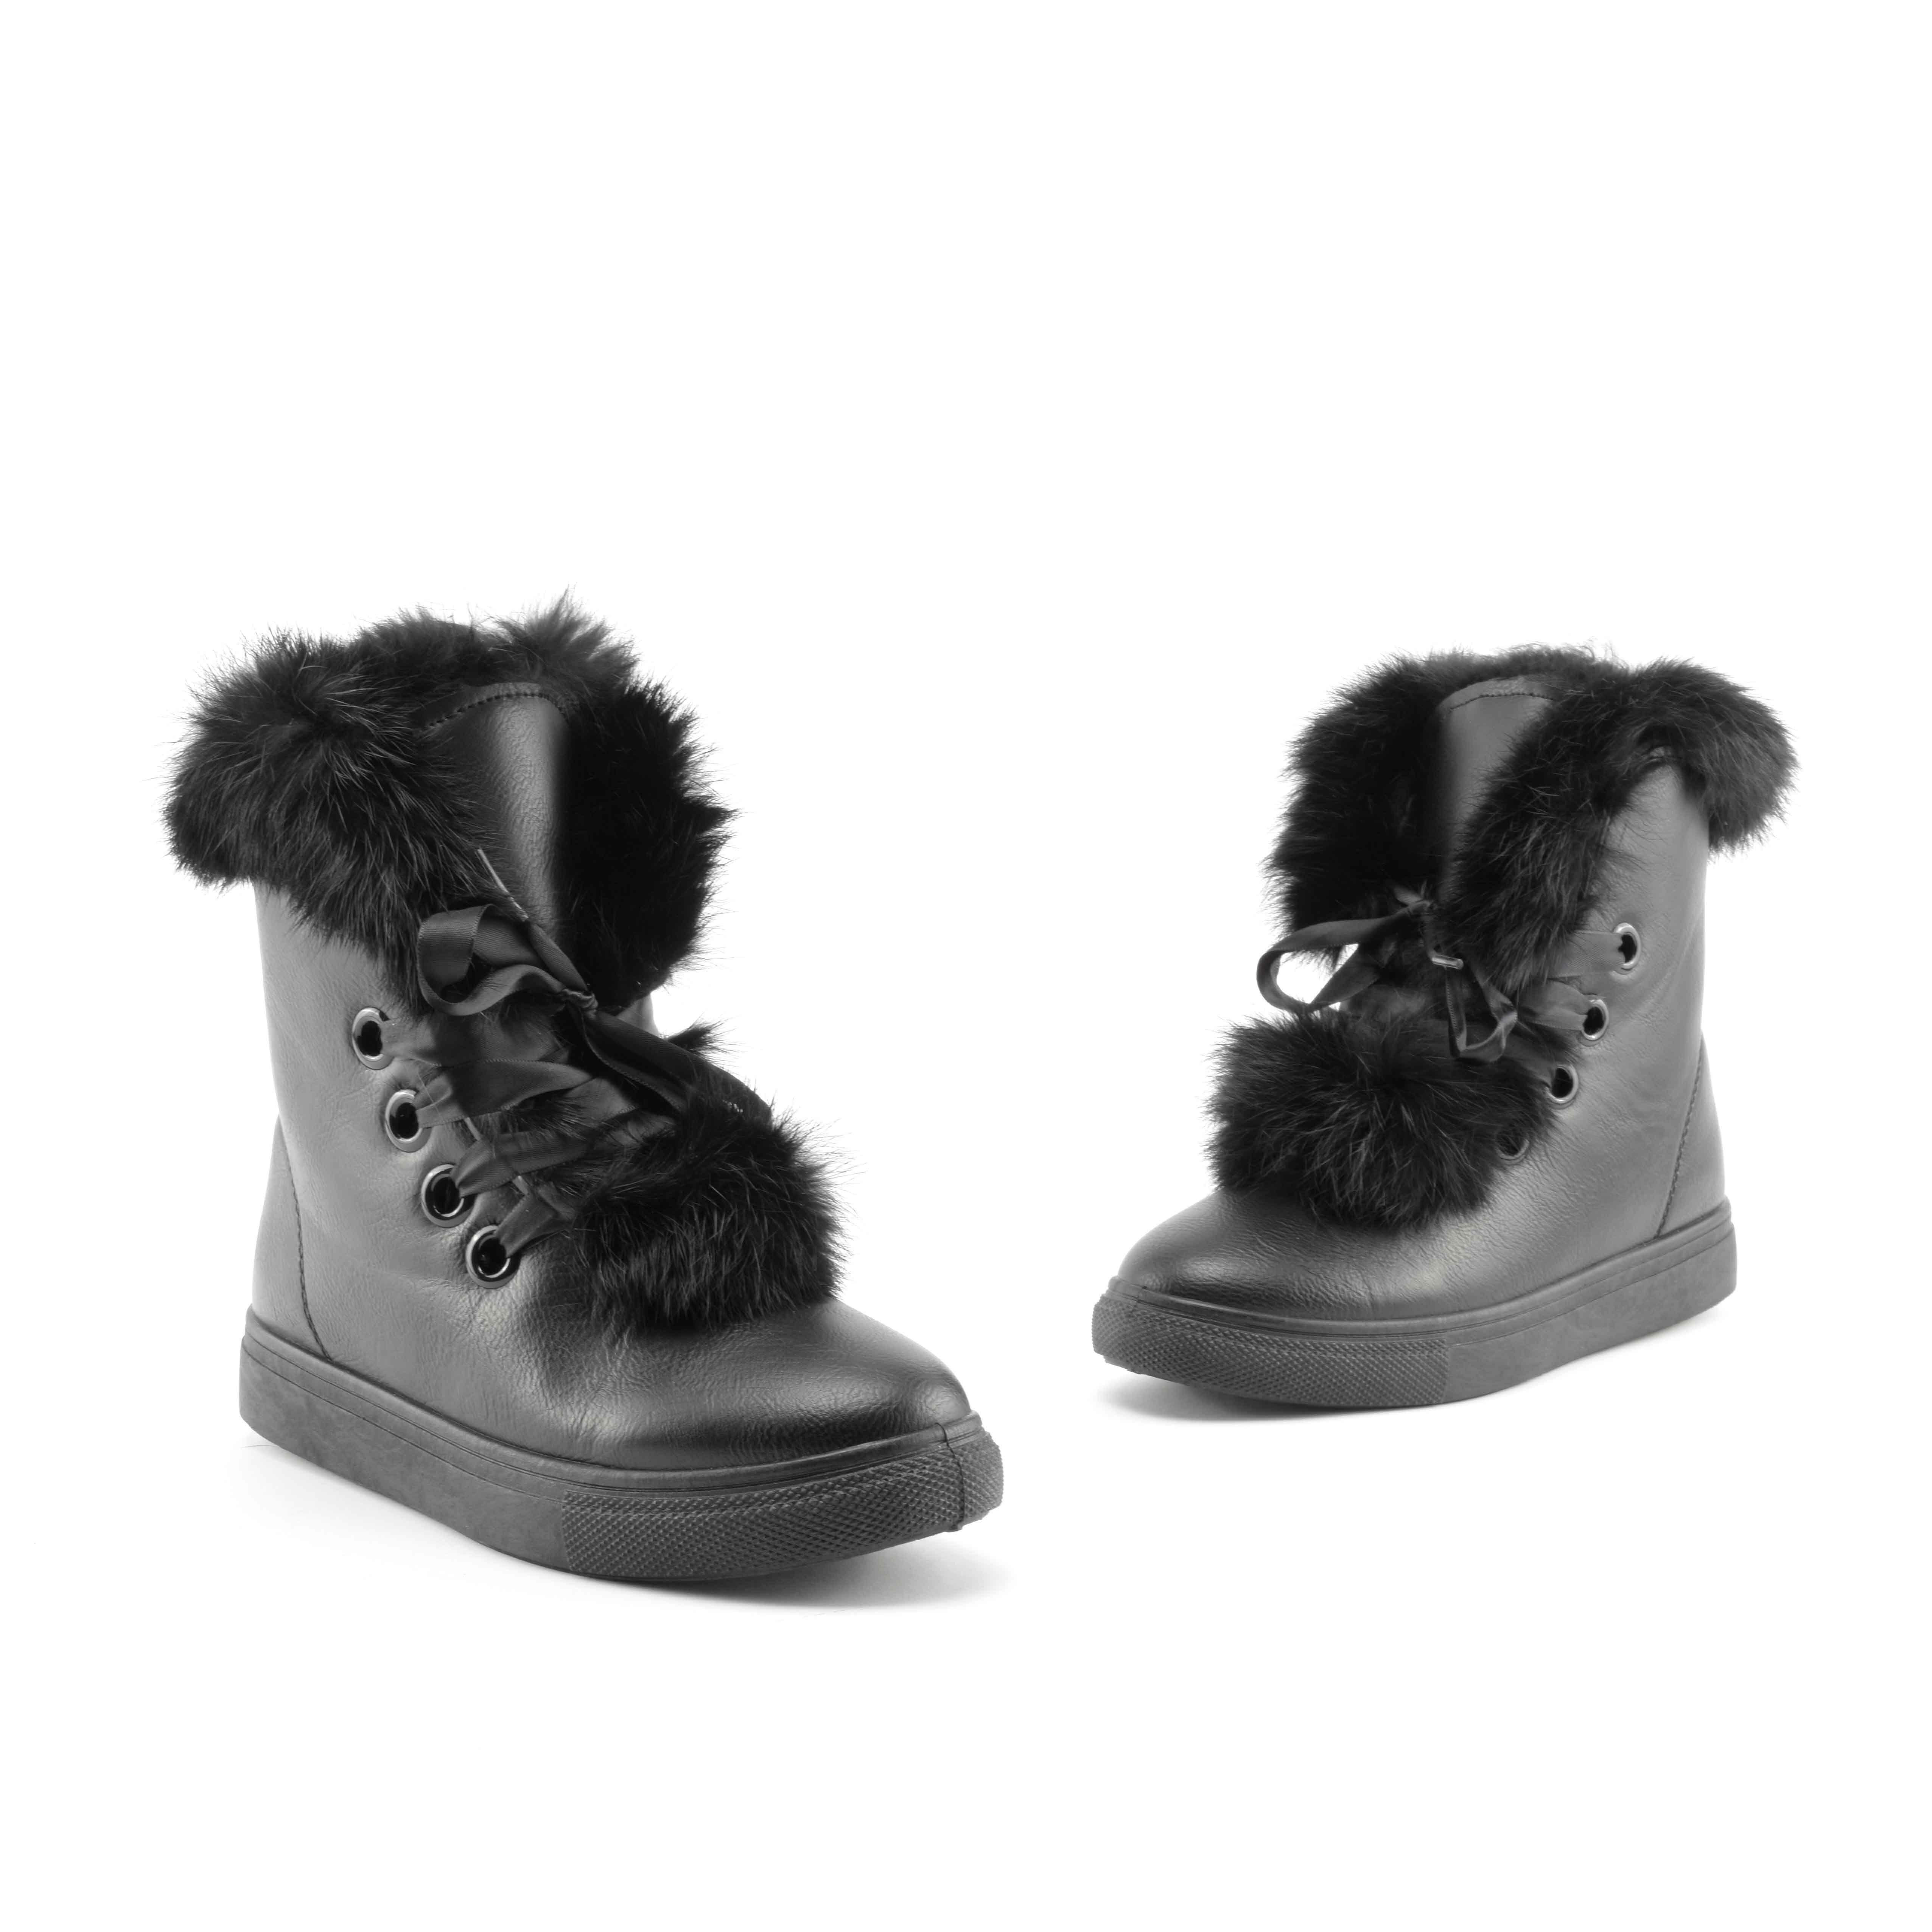 Fekete Női Szőrmés Műbőr Utcai Cipő - HÓTAPOSÓK - Női cipő webáruház ... 3b04660c8c